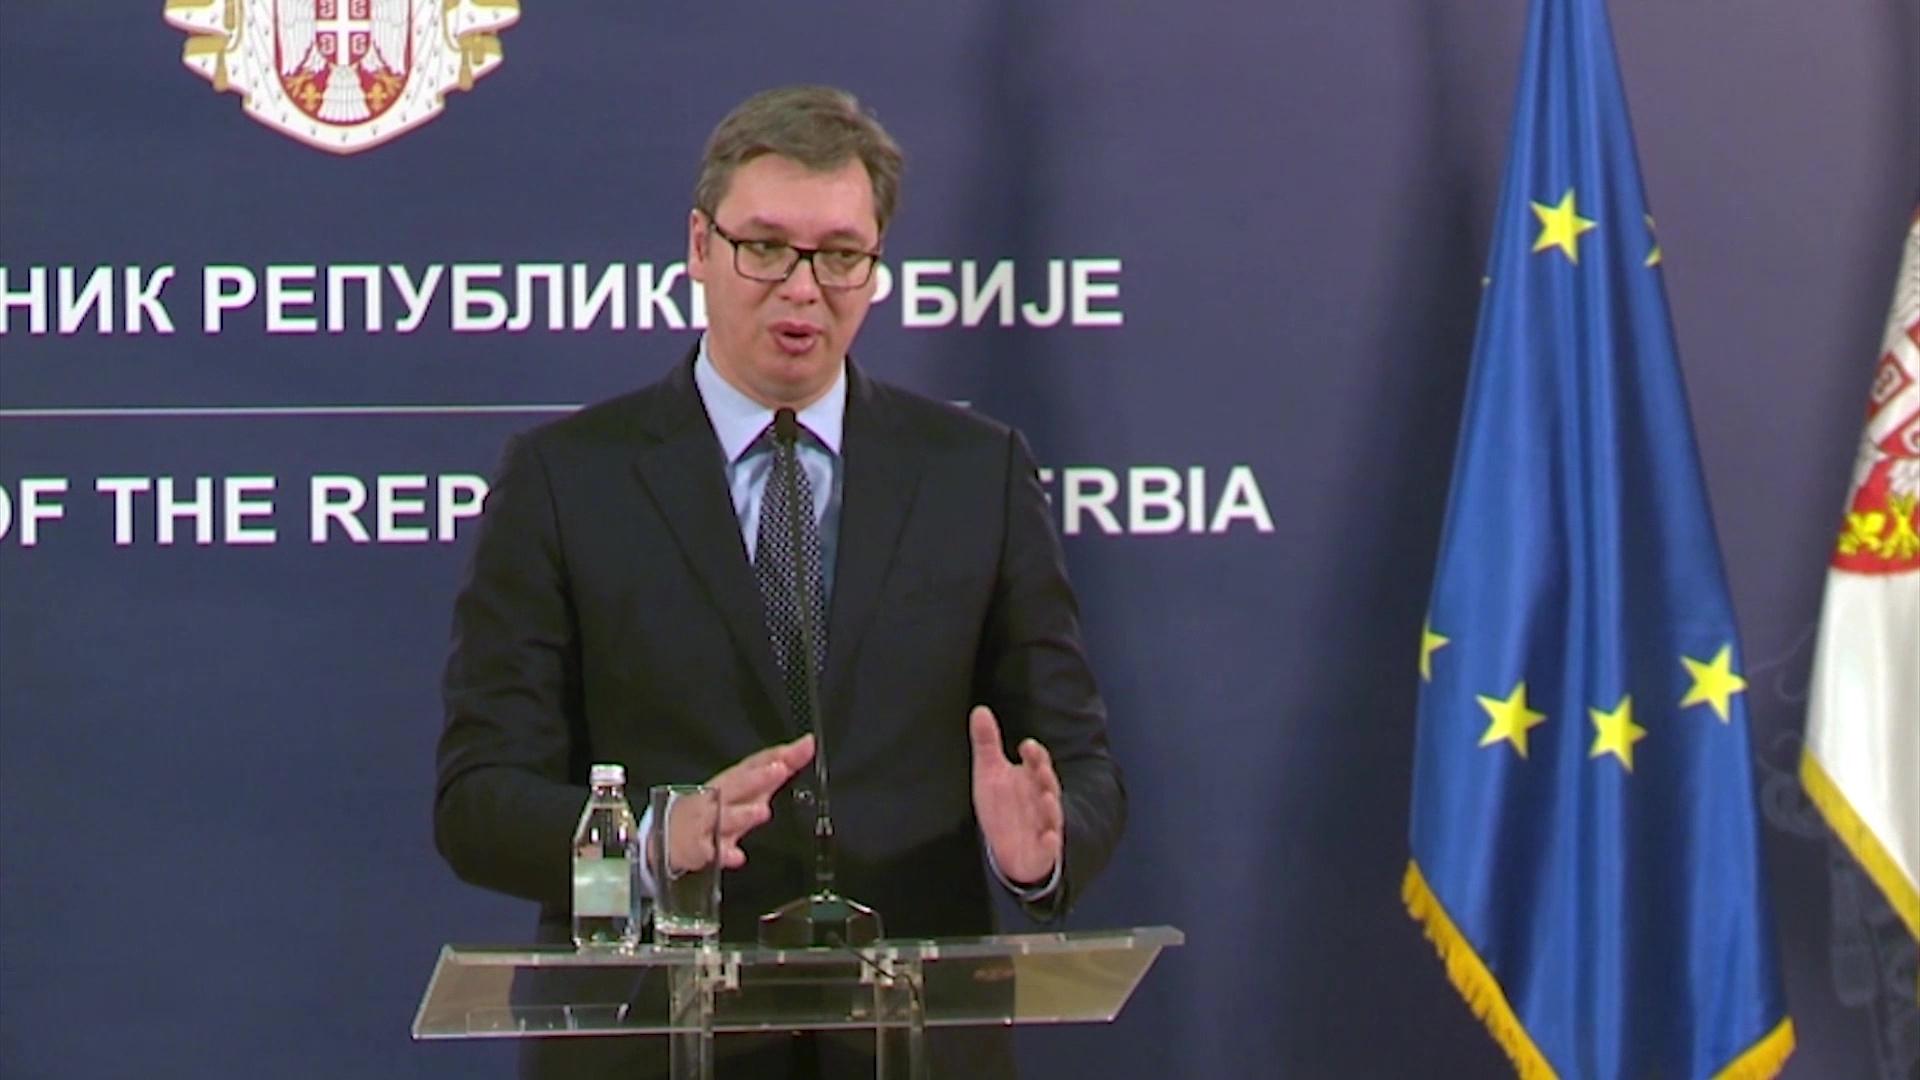 Aleksandër Vuçiç: Kompromisi me shqiptarët është jetik për Serbinë